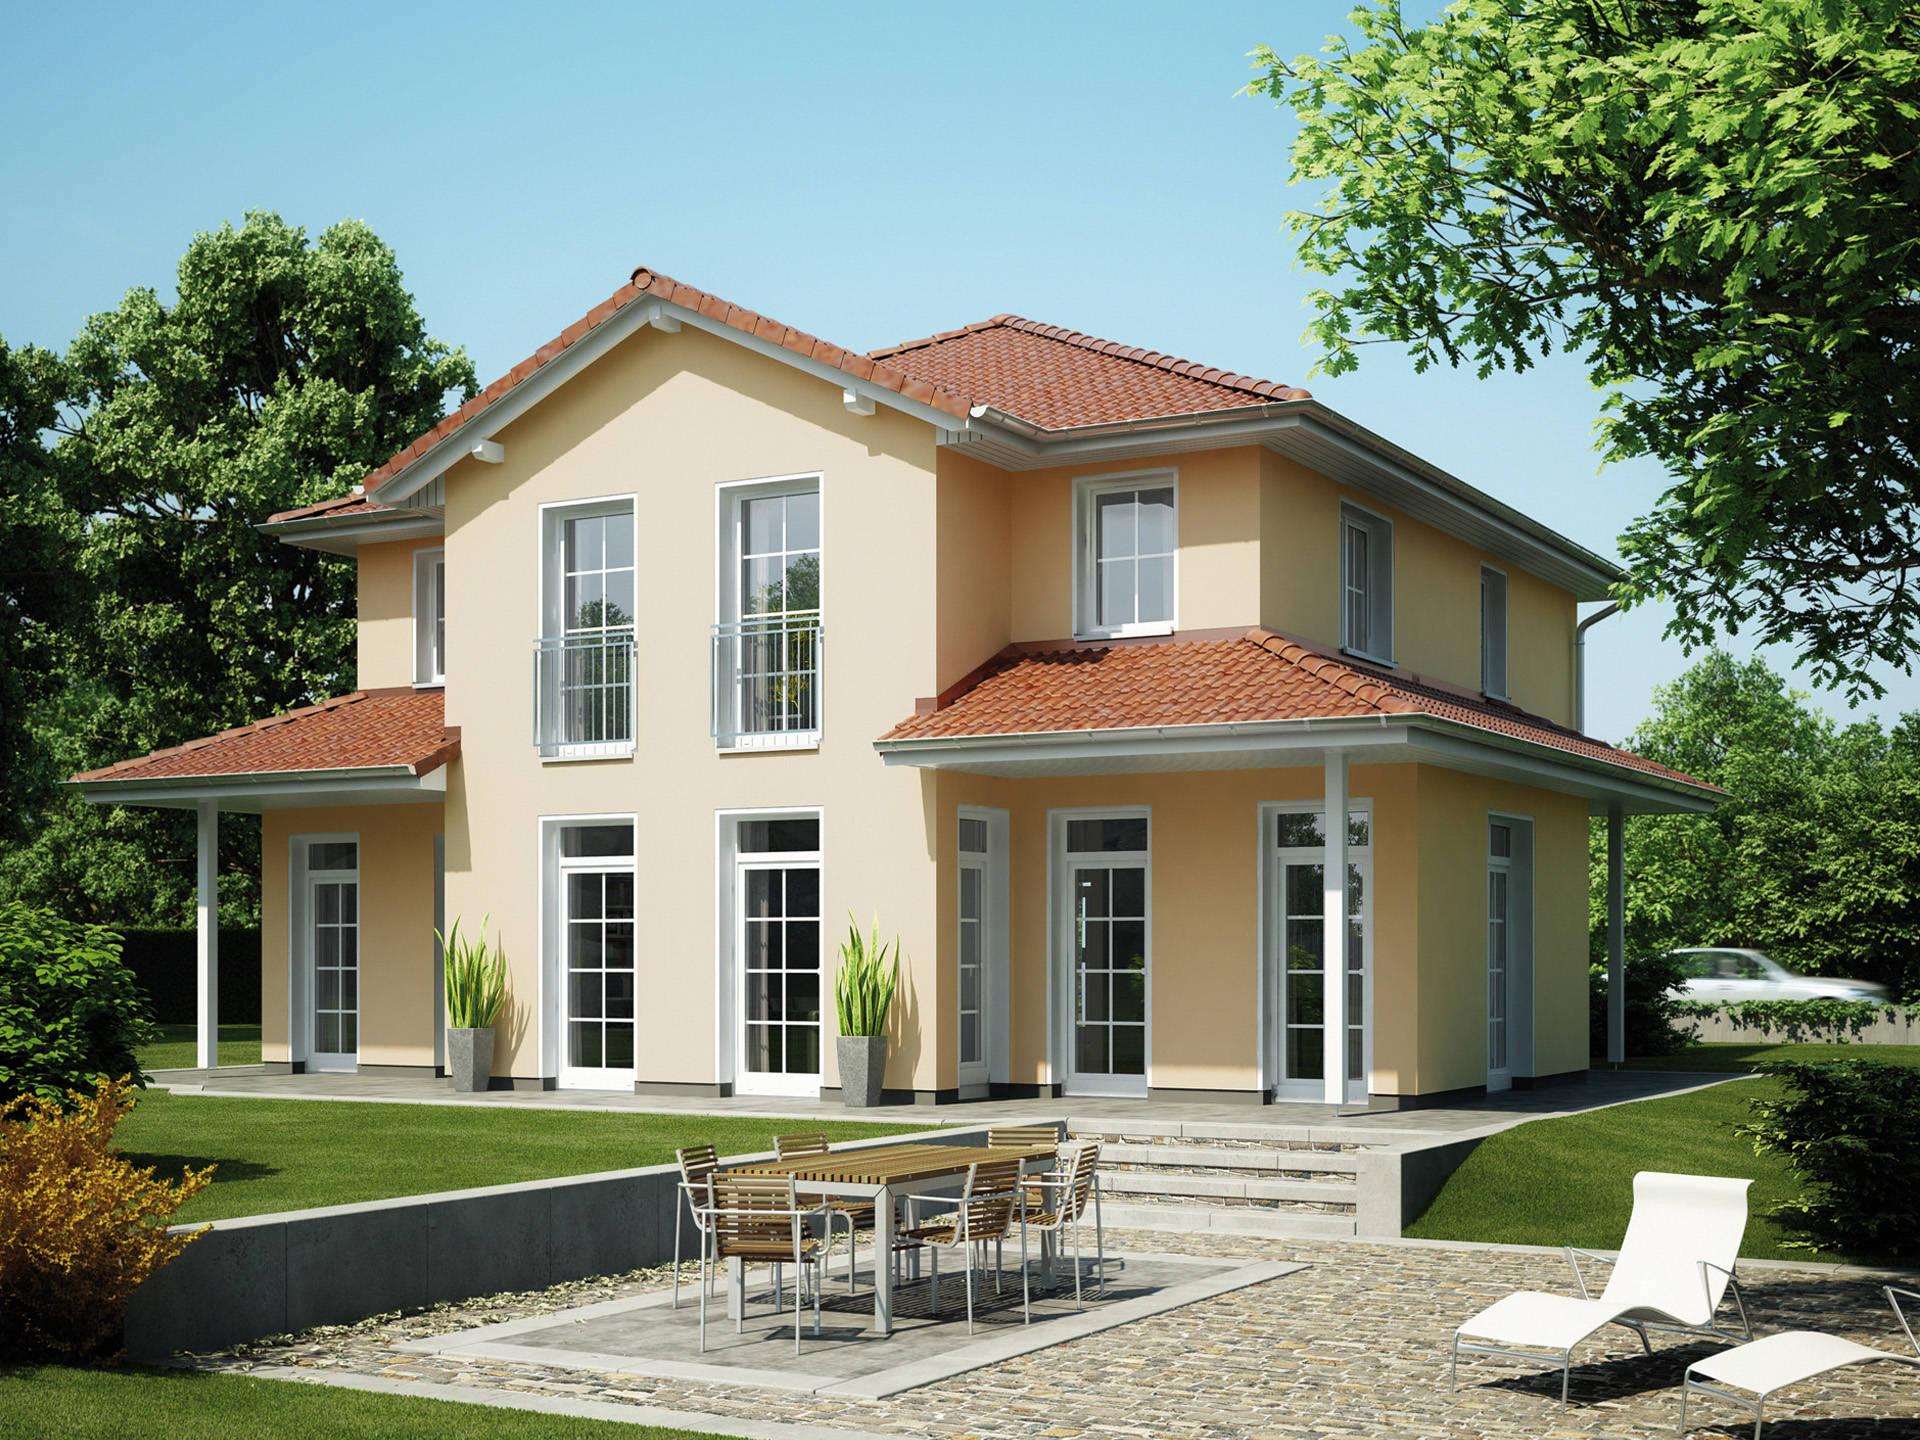 Heinz von Heiden Villa Vario ii bella